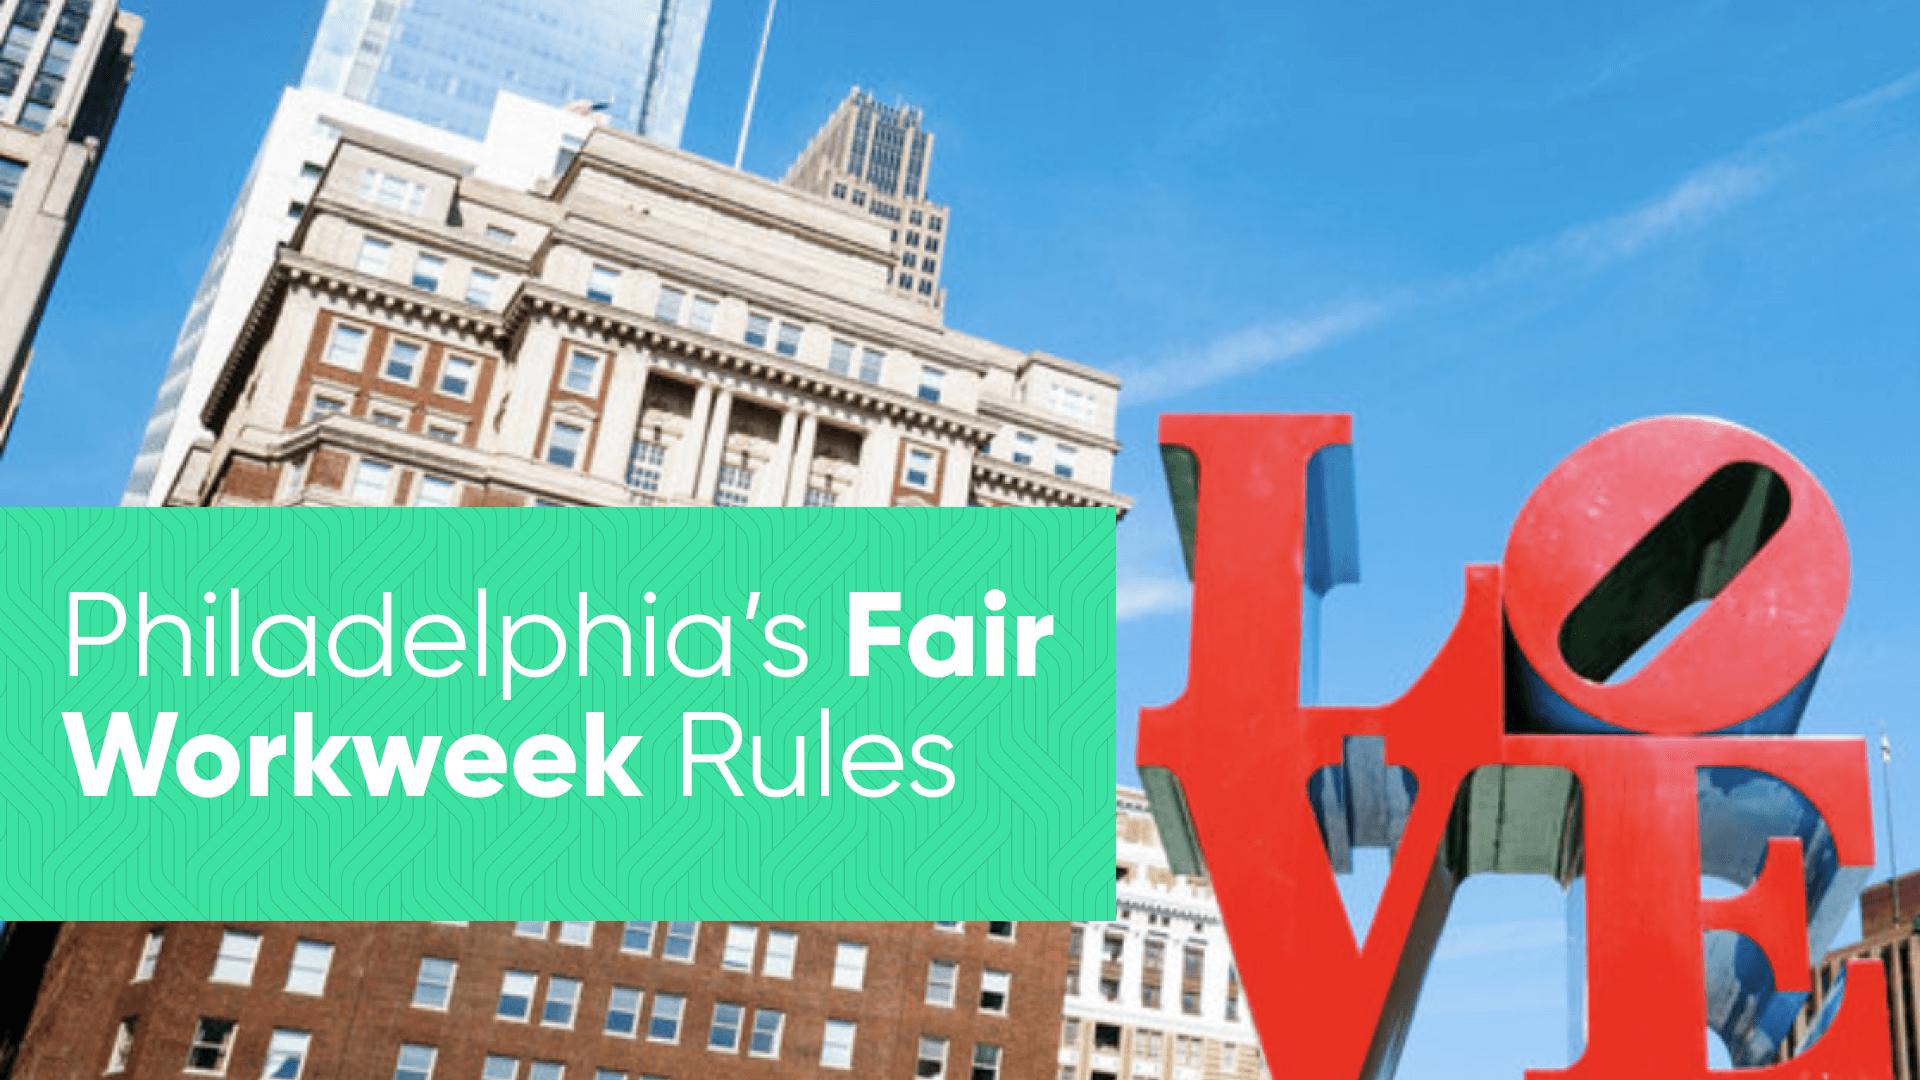 Philadelphia Fair Workweek for hospitality